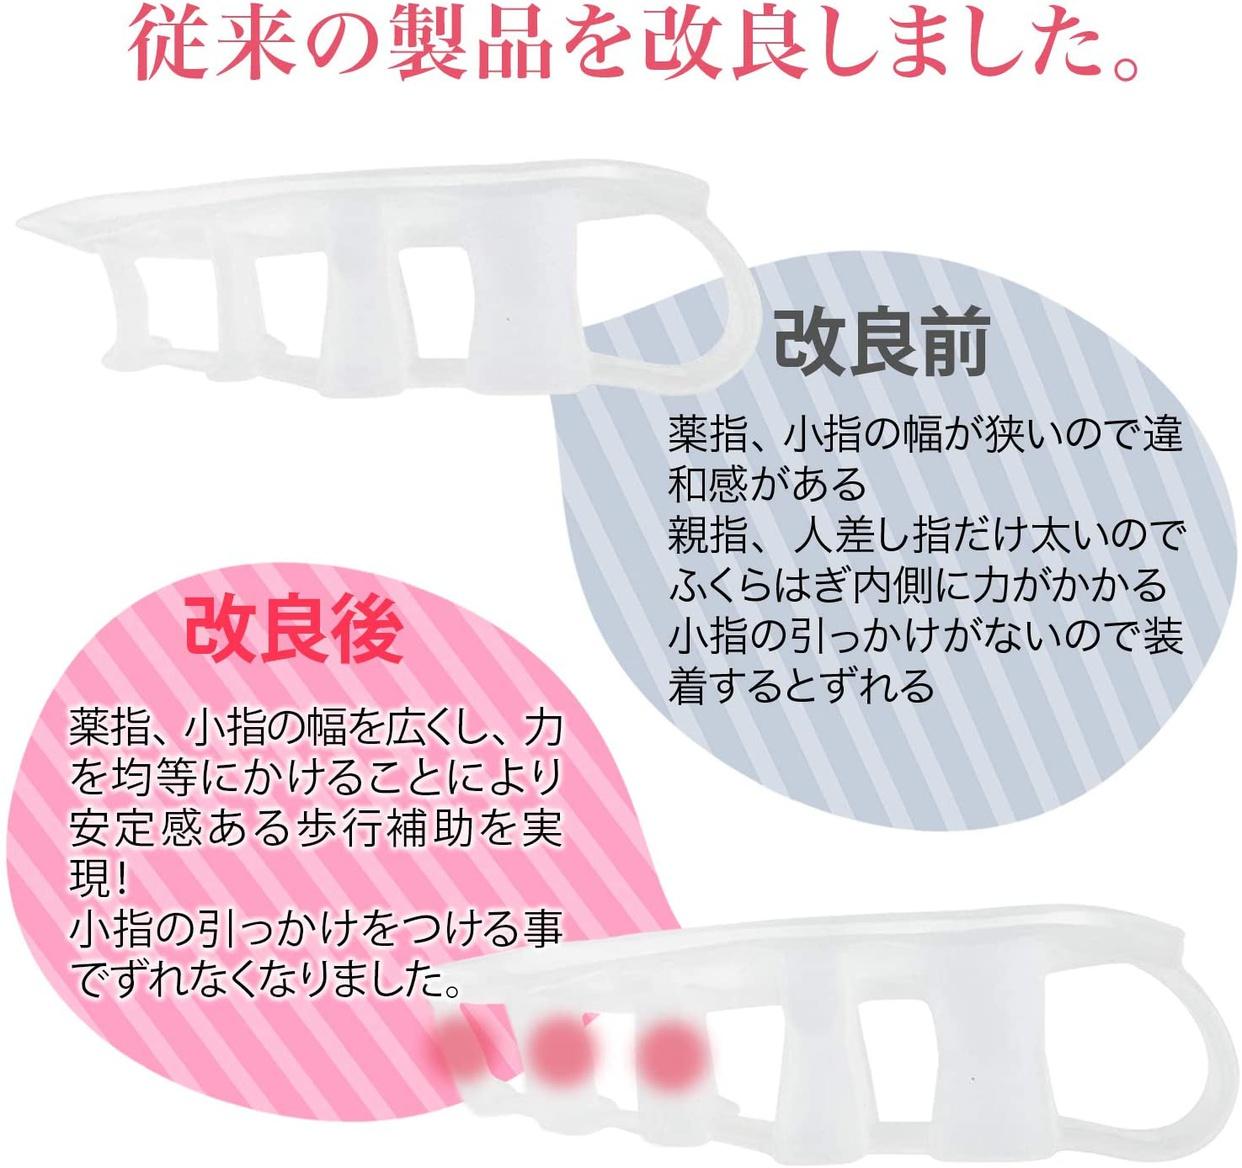 PLEASINGSAN(プリージングサン) サポーターの商品画像3